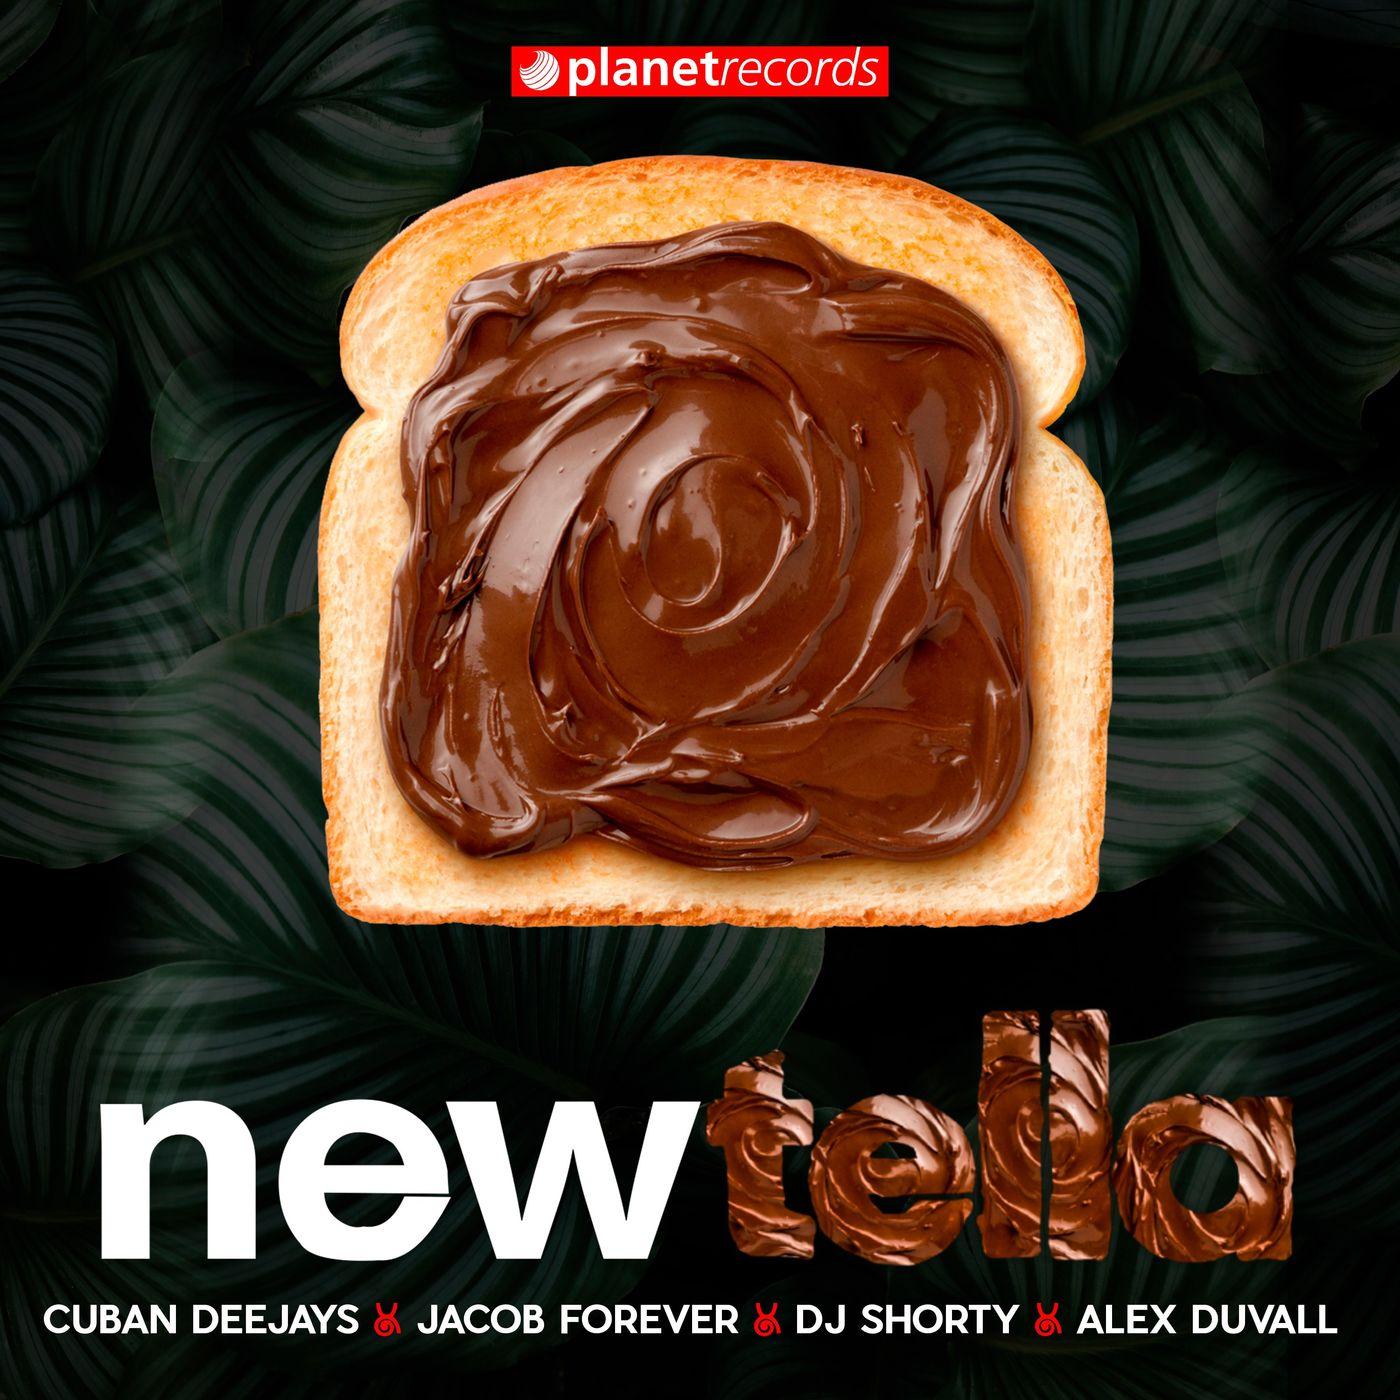 Cuban-Deejays-Ft-Jacob-Forever-DJ-Shorty-Alex-Duvall-Newtella